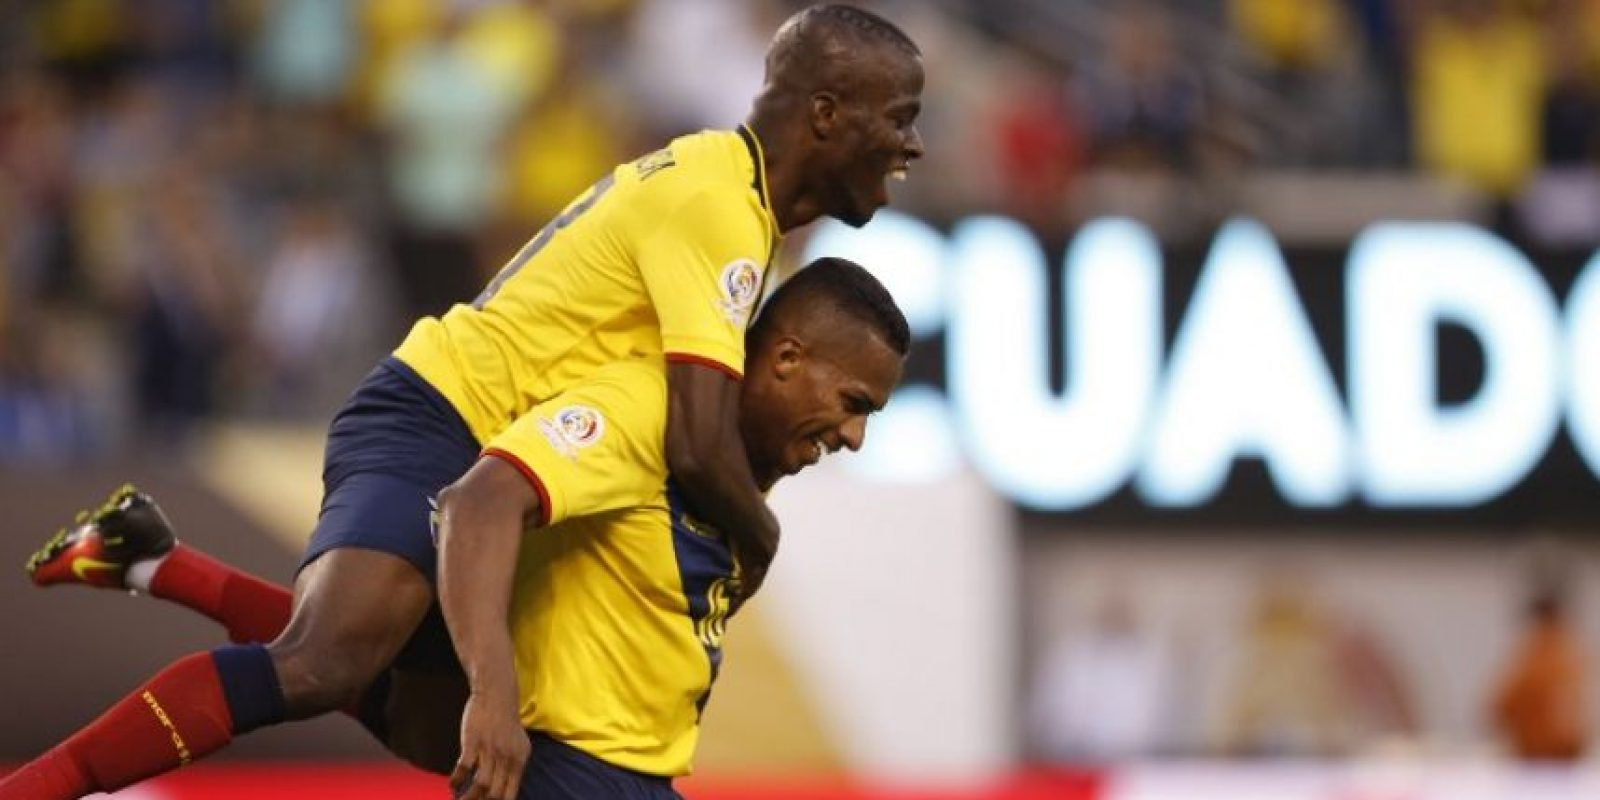 Ecuador no ha mostrado el mismo nivel que lo tienen primero de las Clasificatorias, pero de todas formas avanzó a la siguiente ronda tras empatar con Perú, Brasil y vencer a la débil Haití Foto:AFP